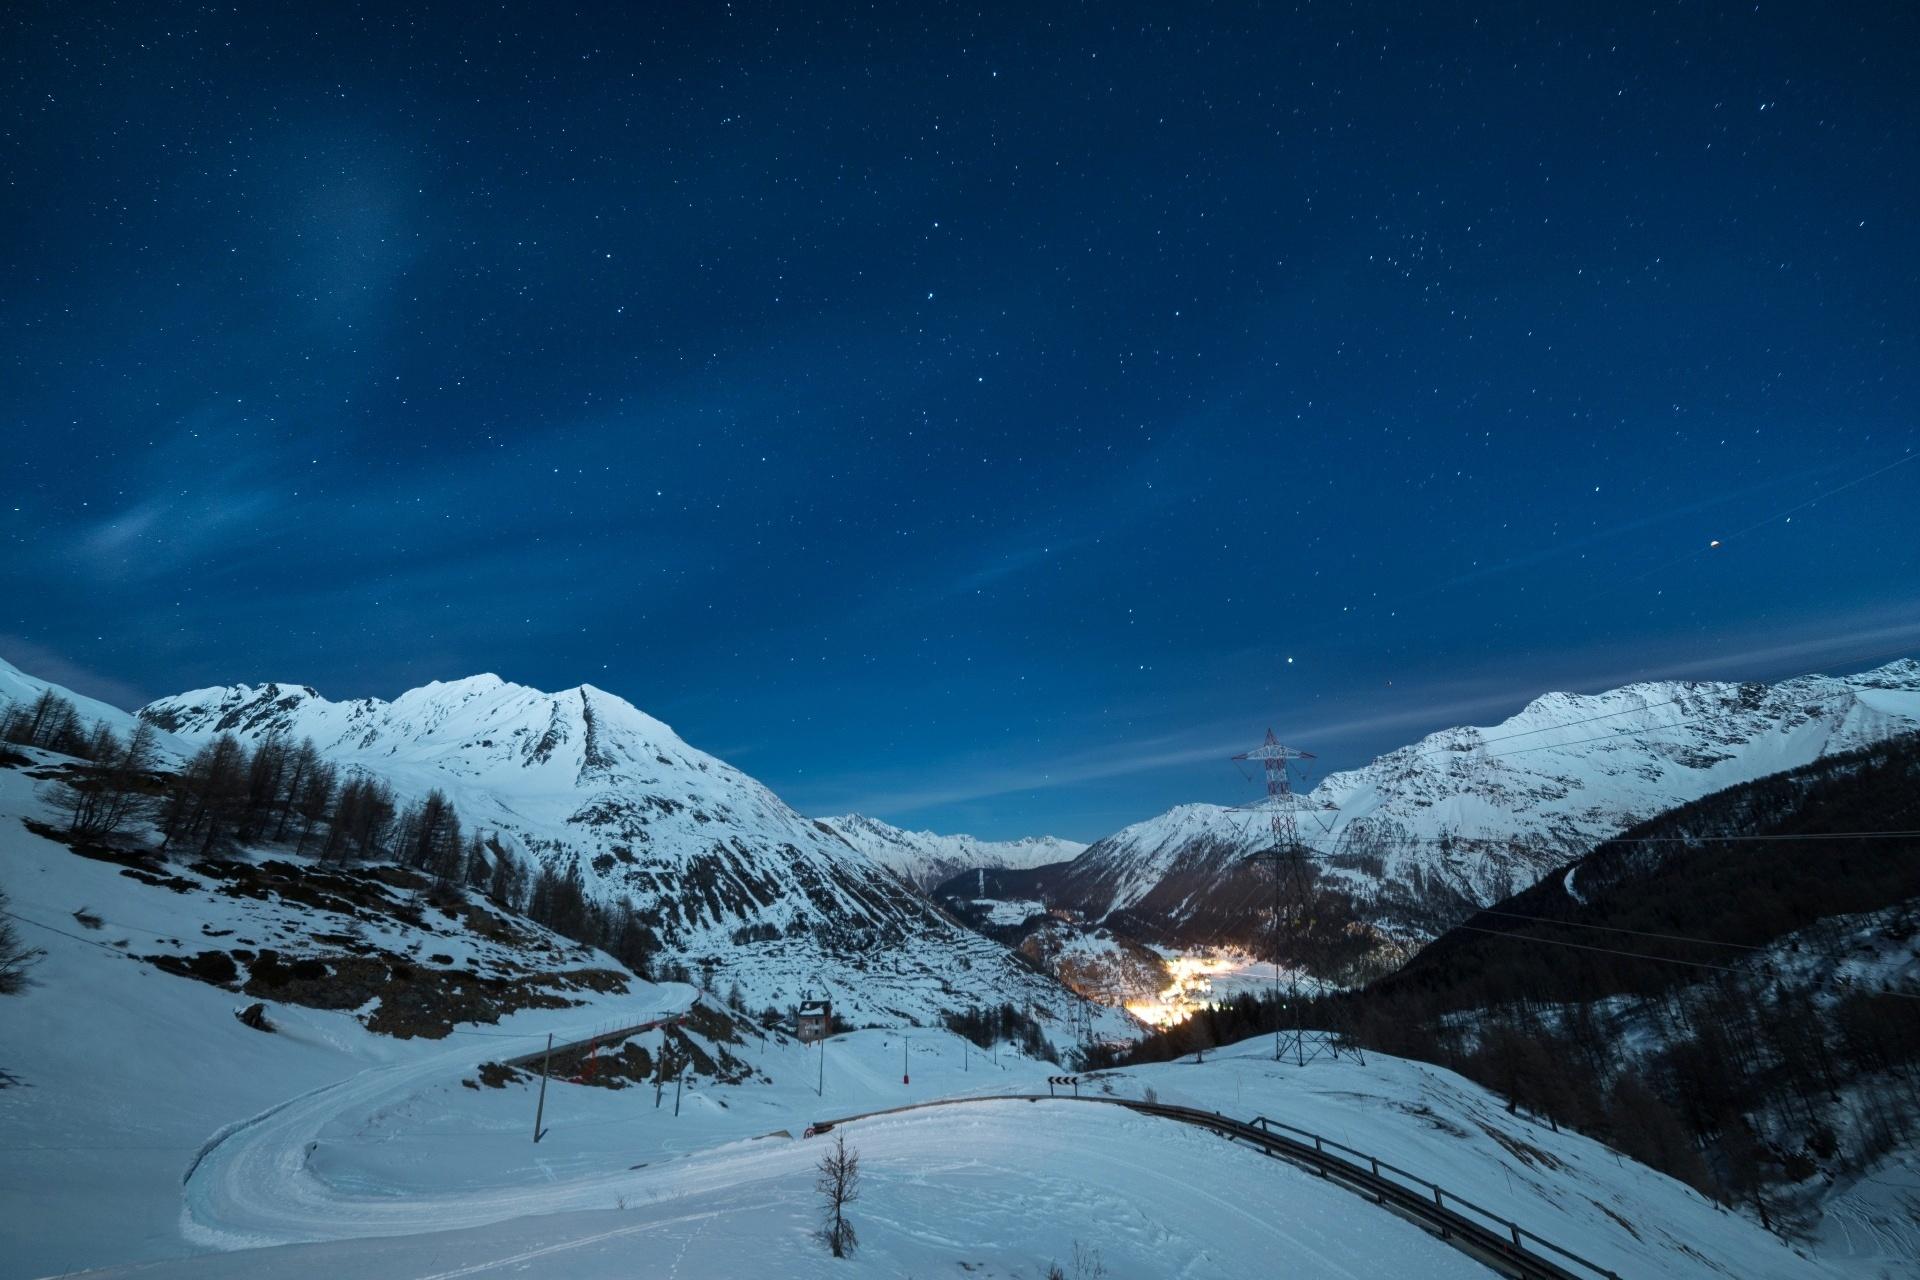 ラ・トゥイール スキーリゾート 夜の風景 イタリアの風景